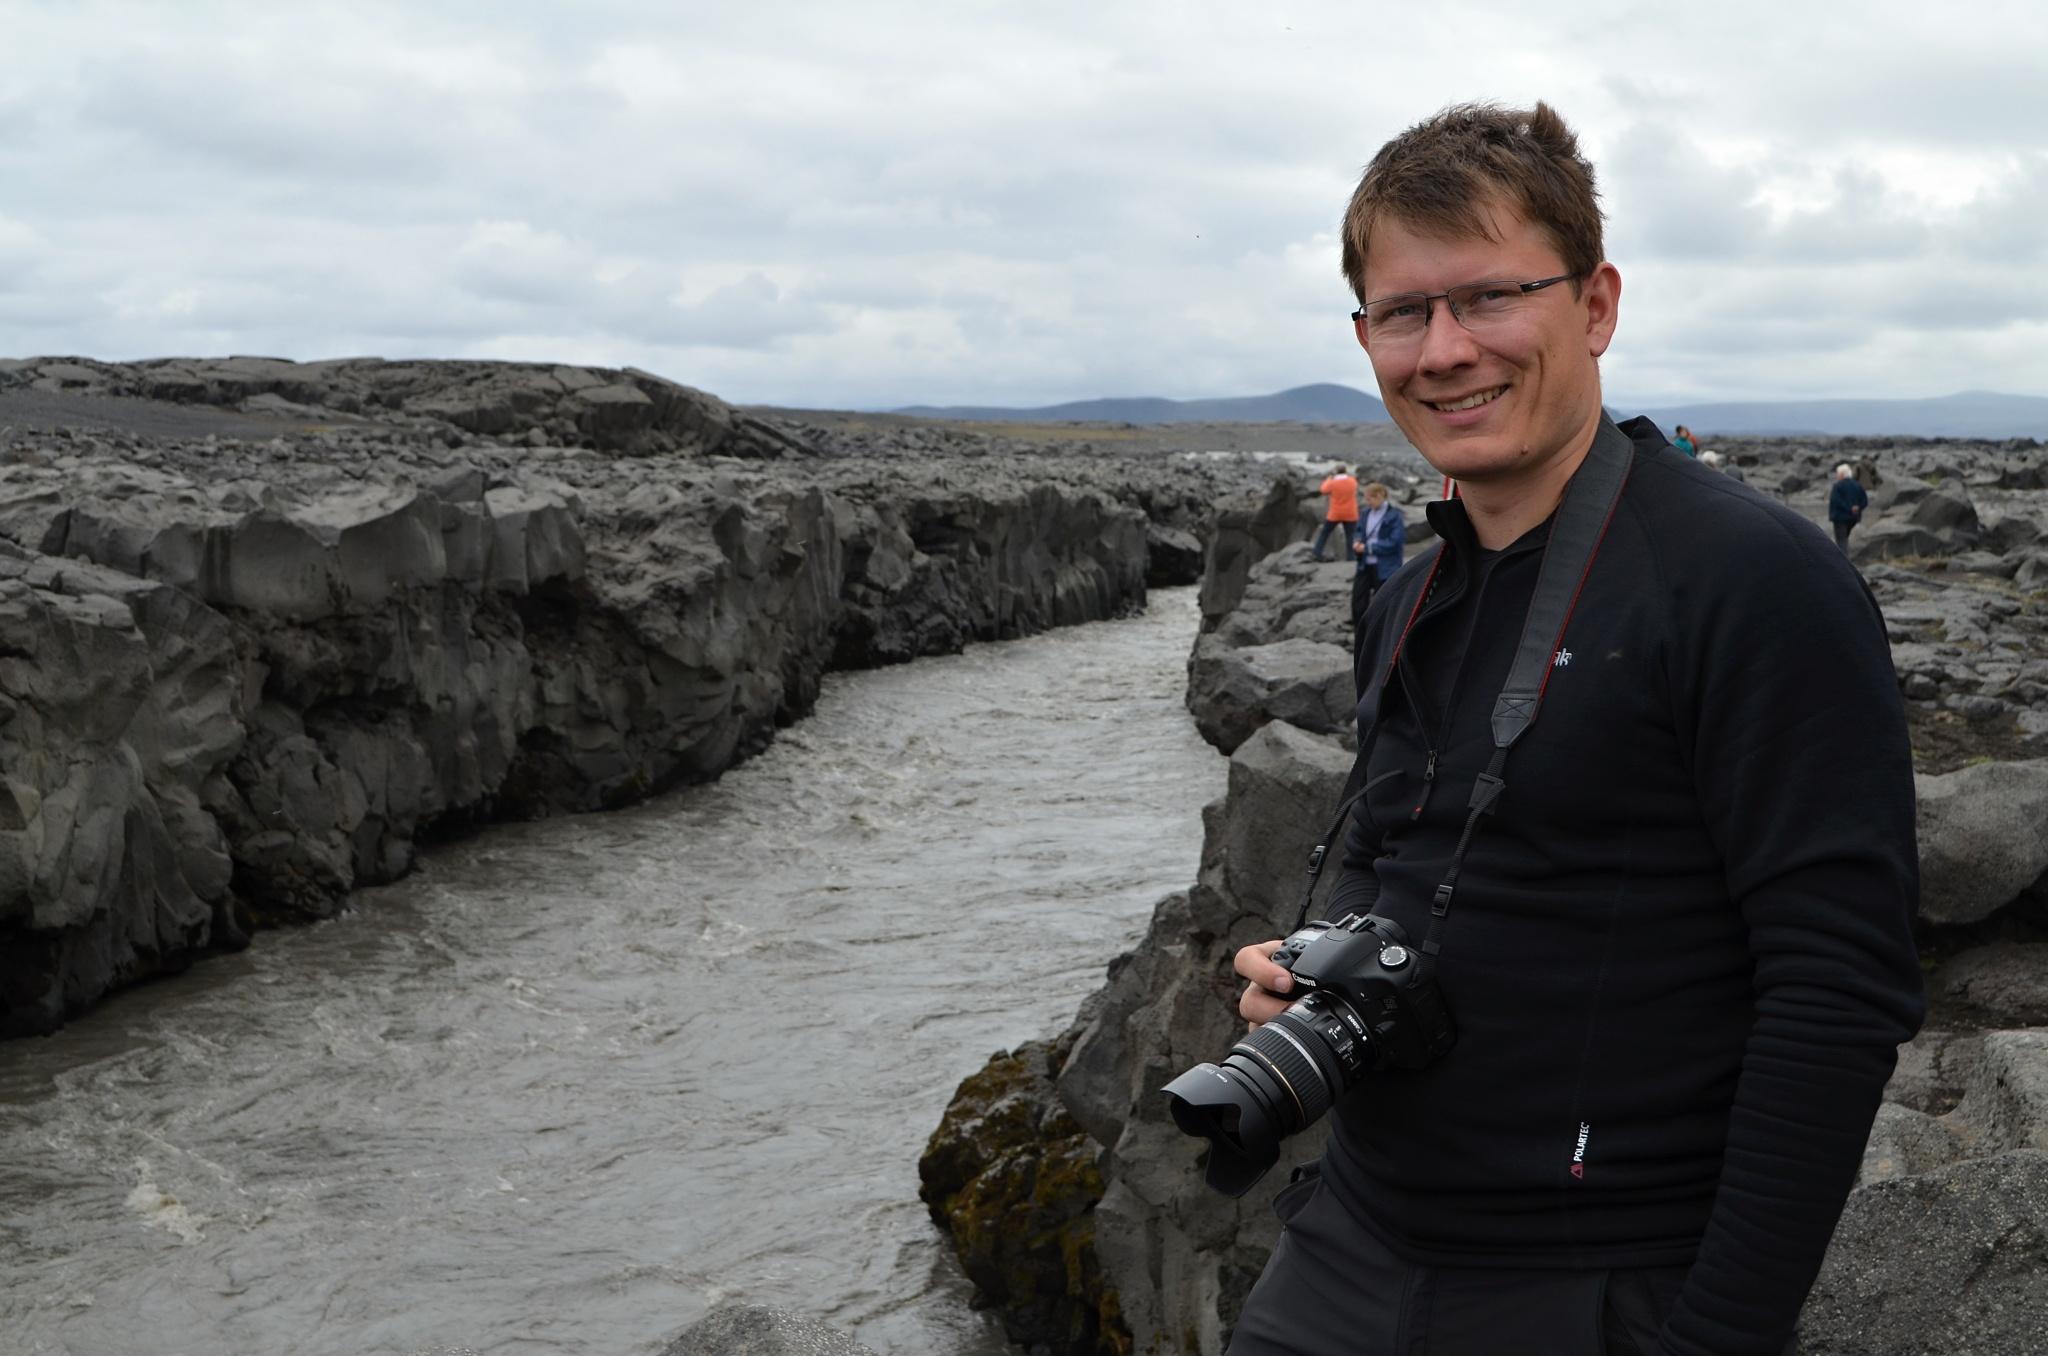 Další zastávka u vodopádu Gljúfrasmiður ledovcové řeky Jökulsá á Fjöllum